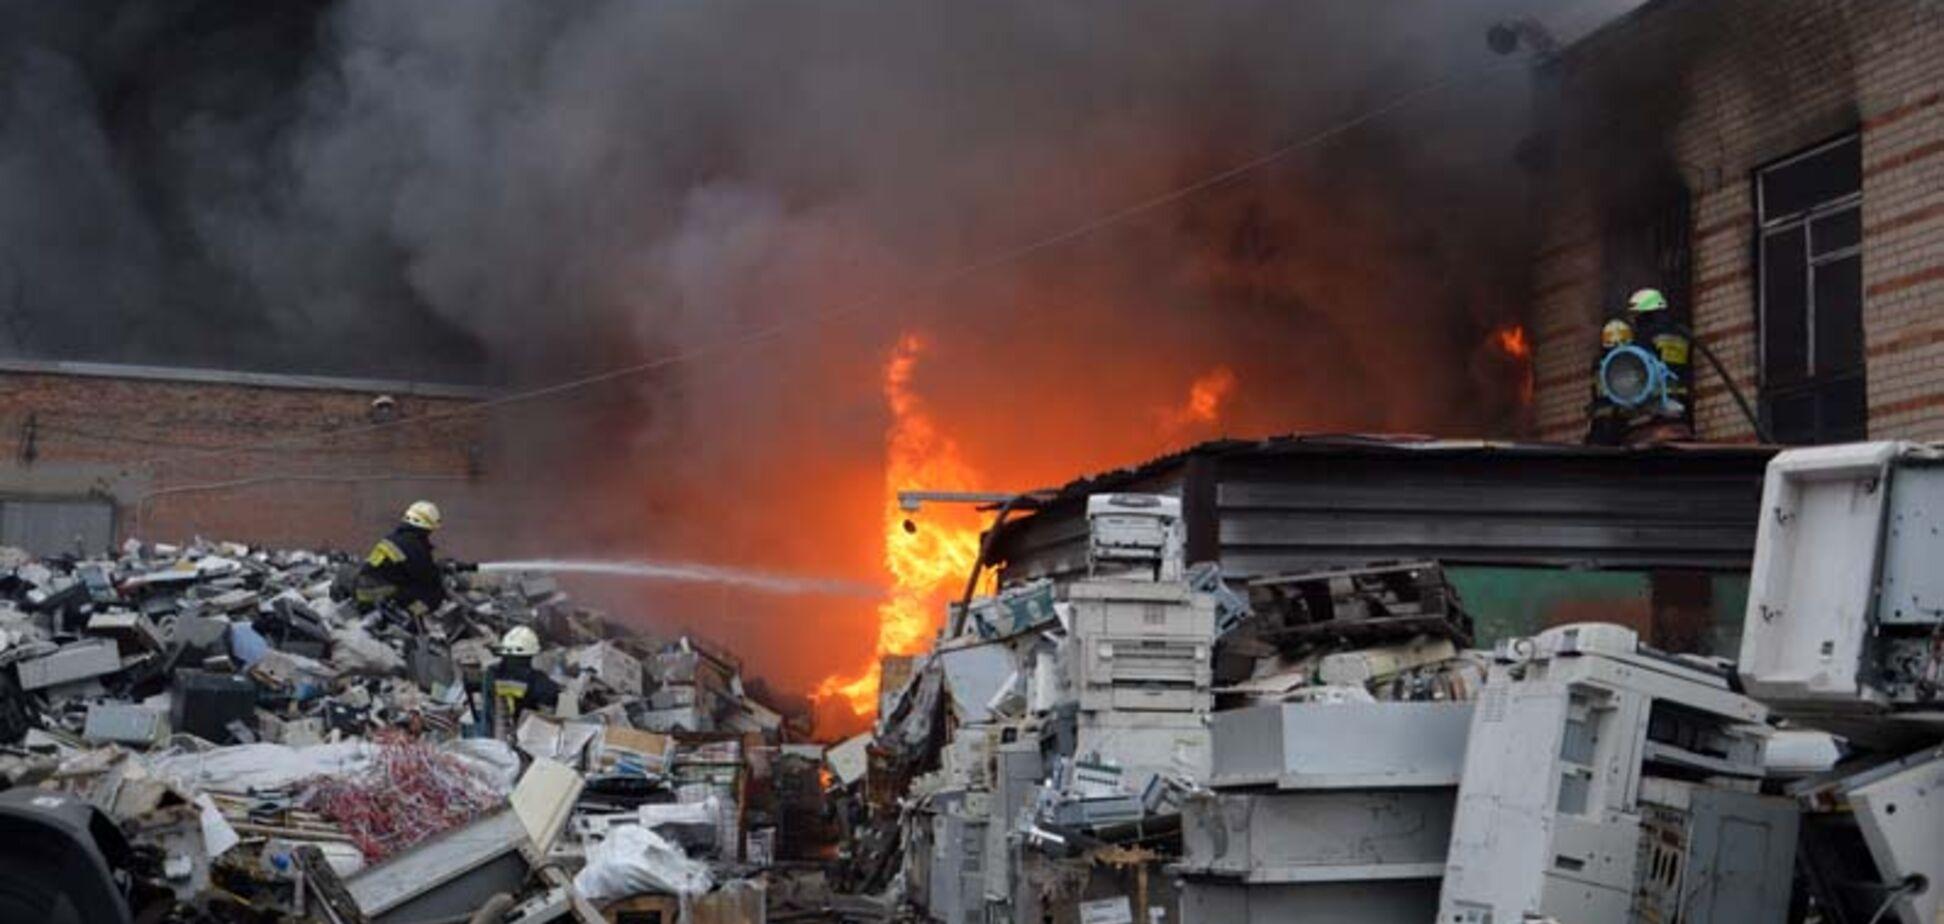 У Дніпрі більше 5 годин гасили масштабну пожежу на металобазі. Фото і відео